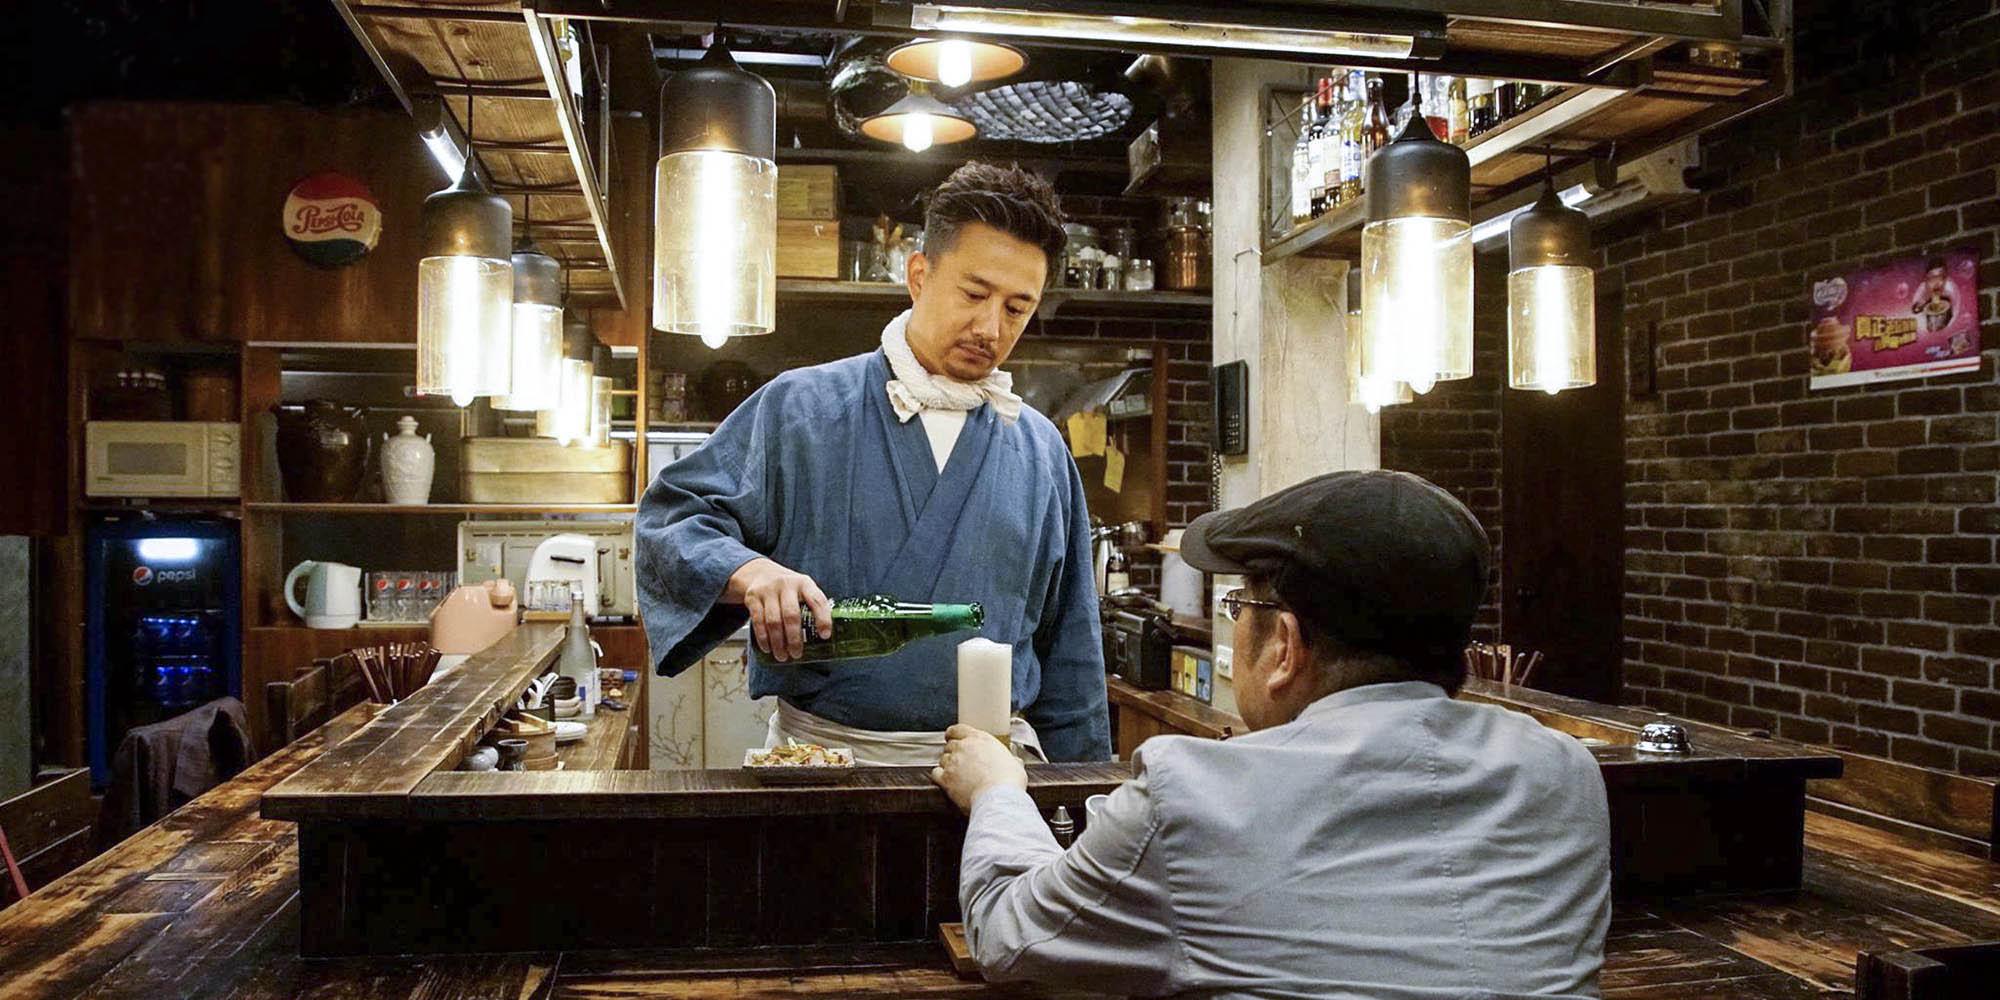 midnight diner tokyo episodes